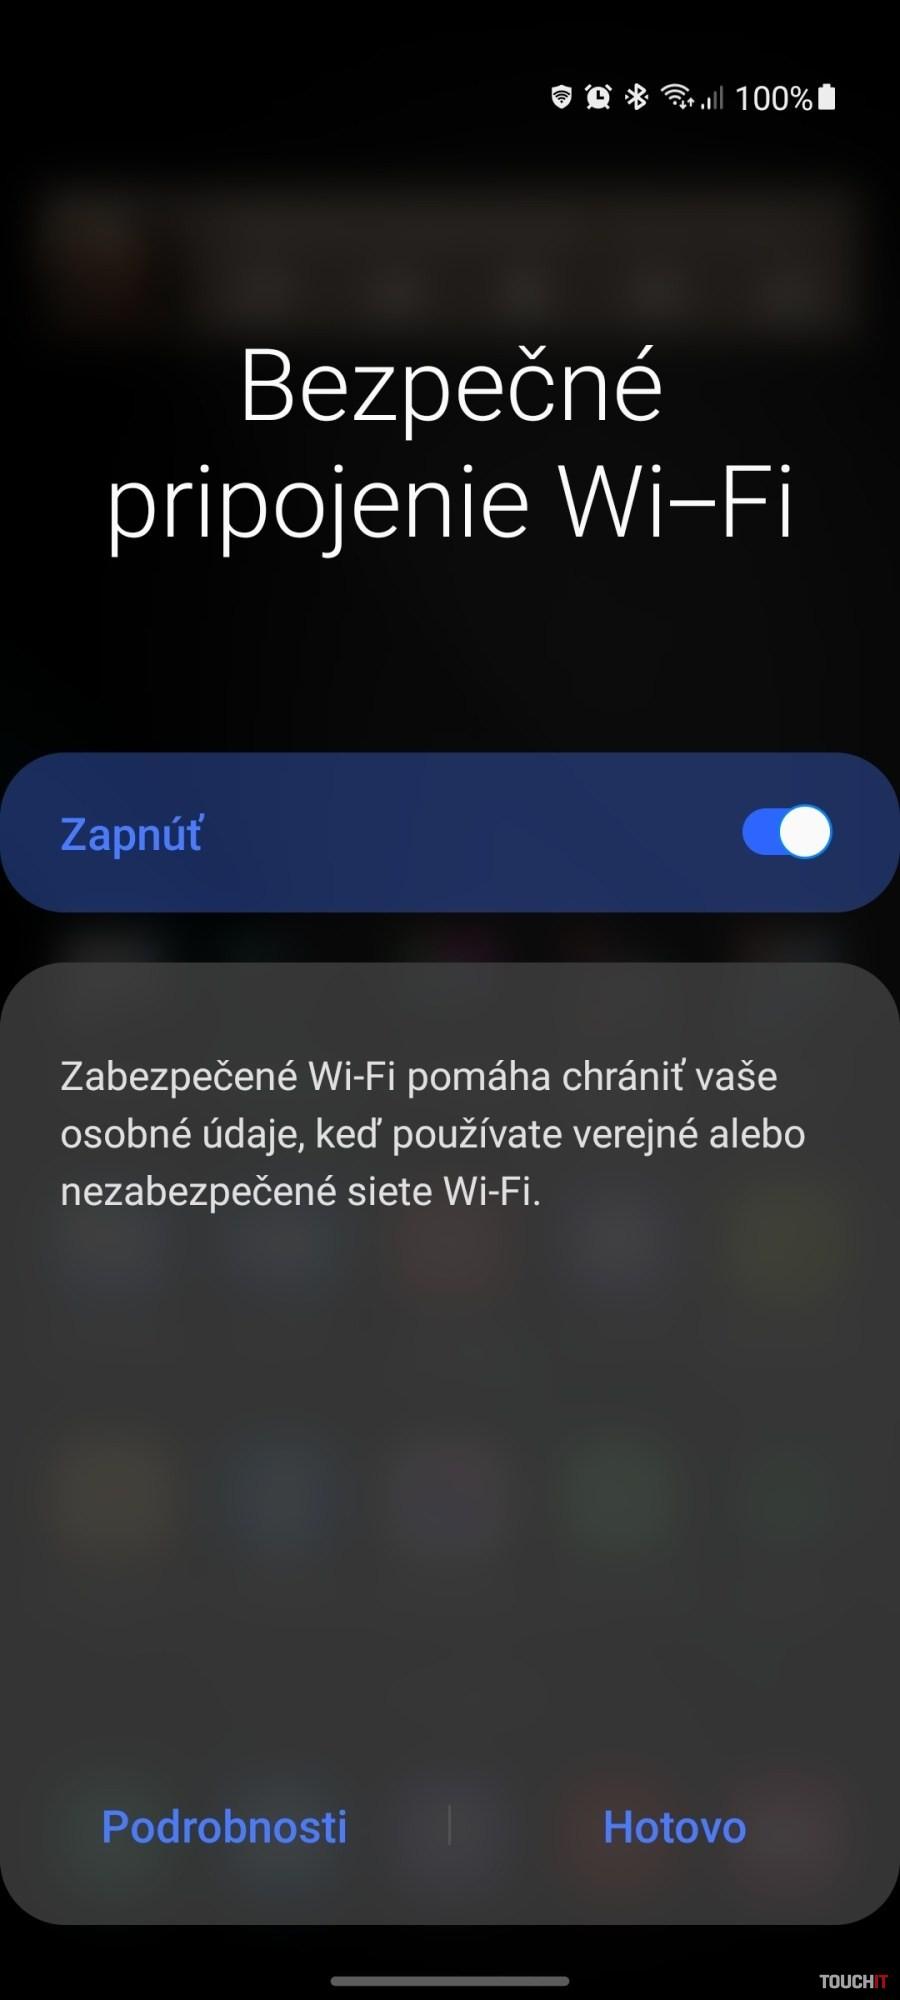 Samsung Bezpečné pripojenie Wi-Fi